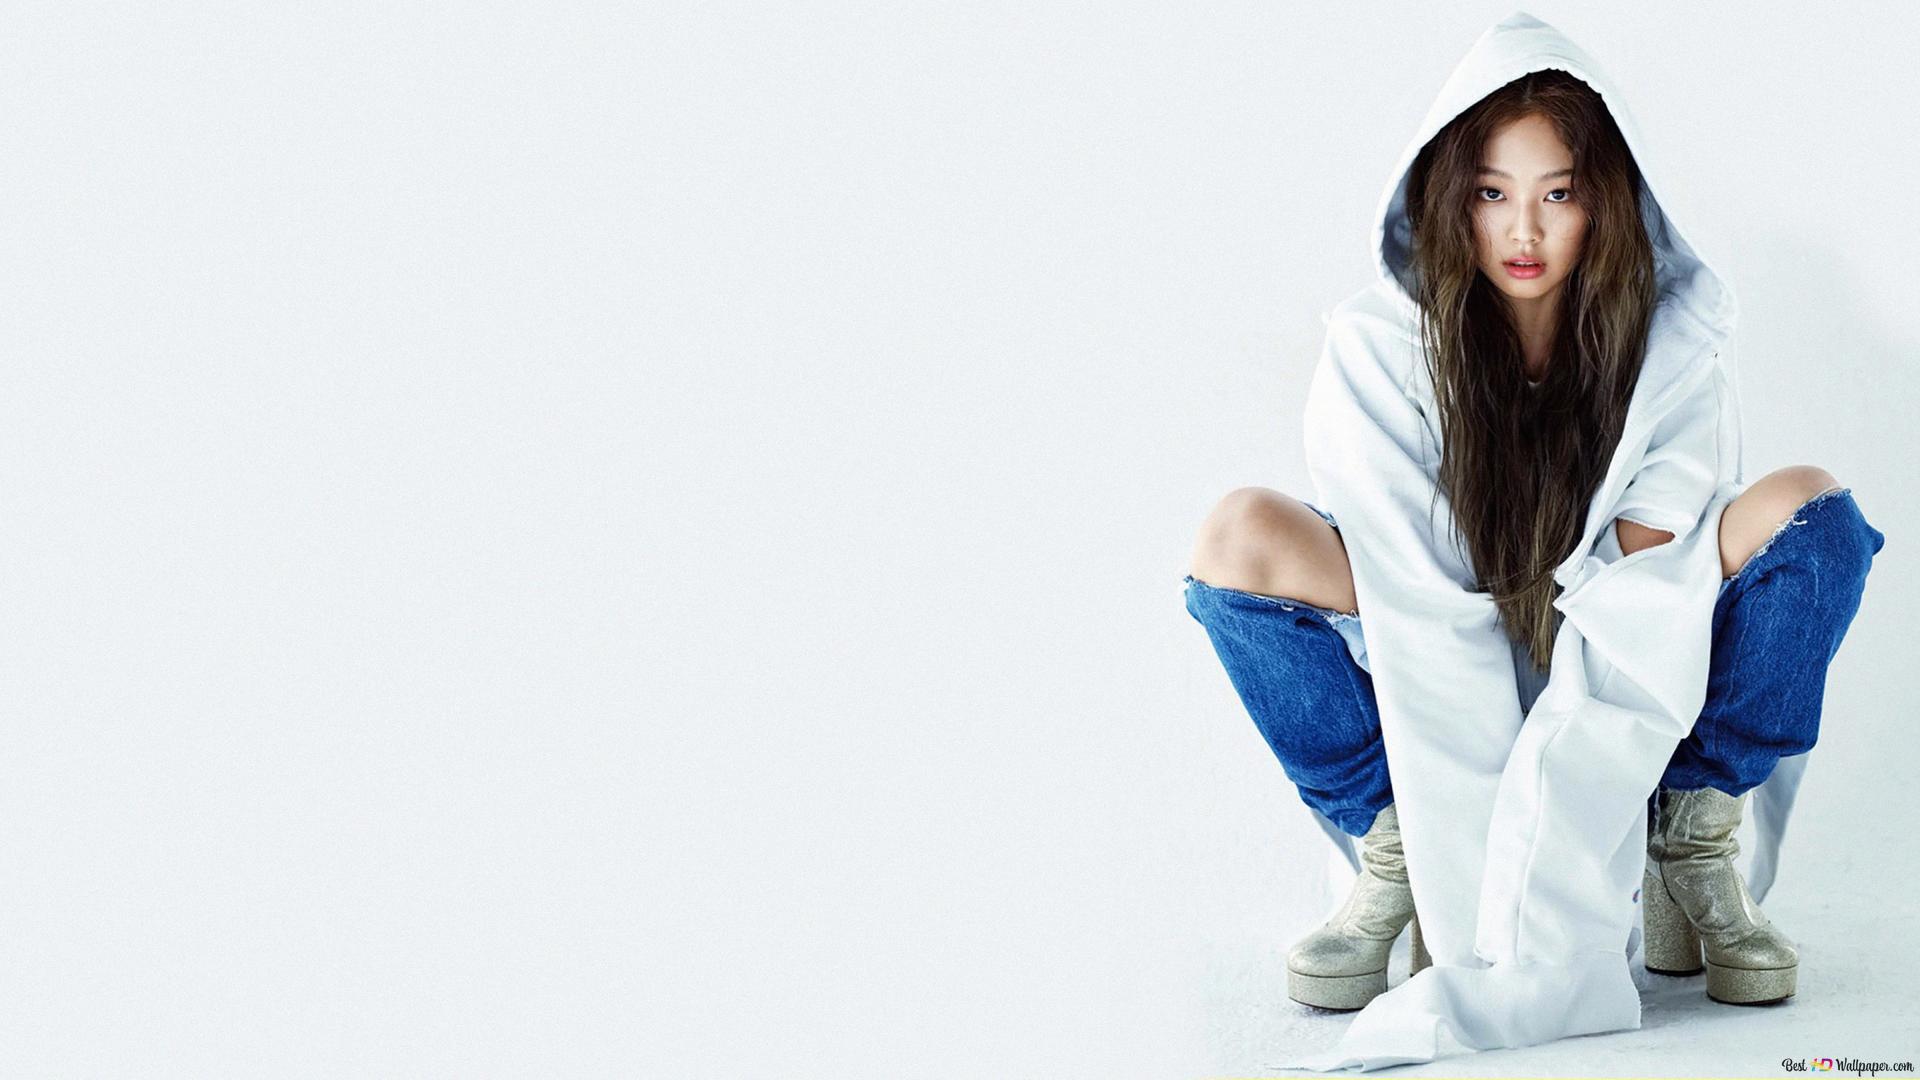 Korean Rapper Jennie Kim From Blackpink Hd Wallpaper Download